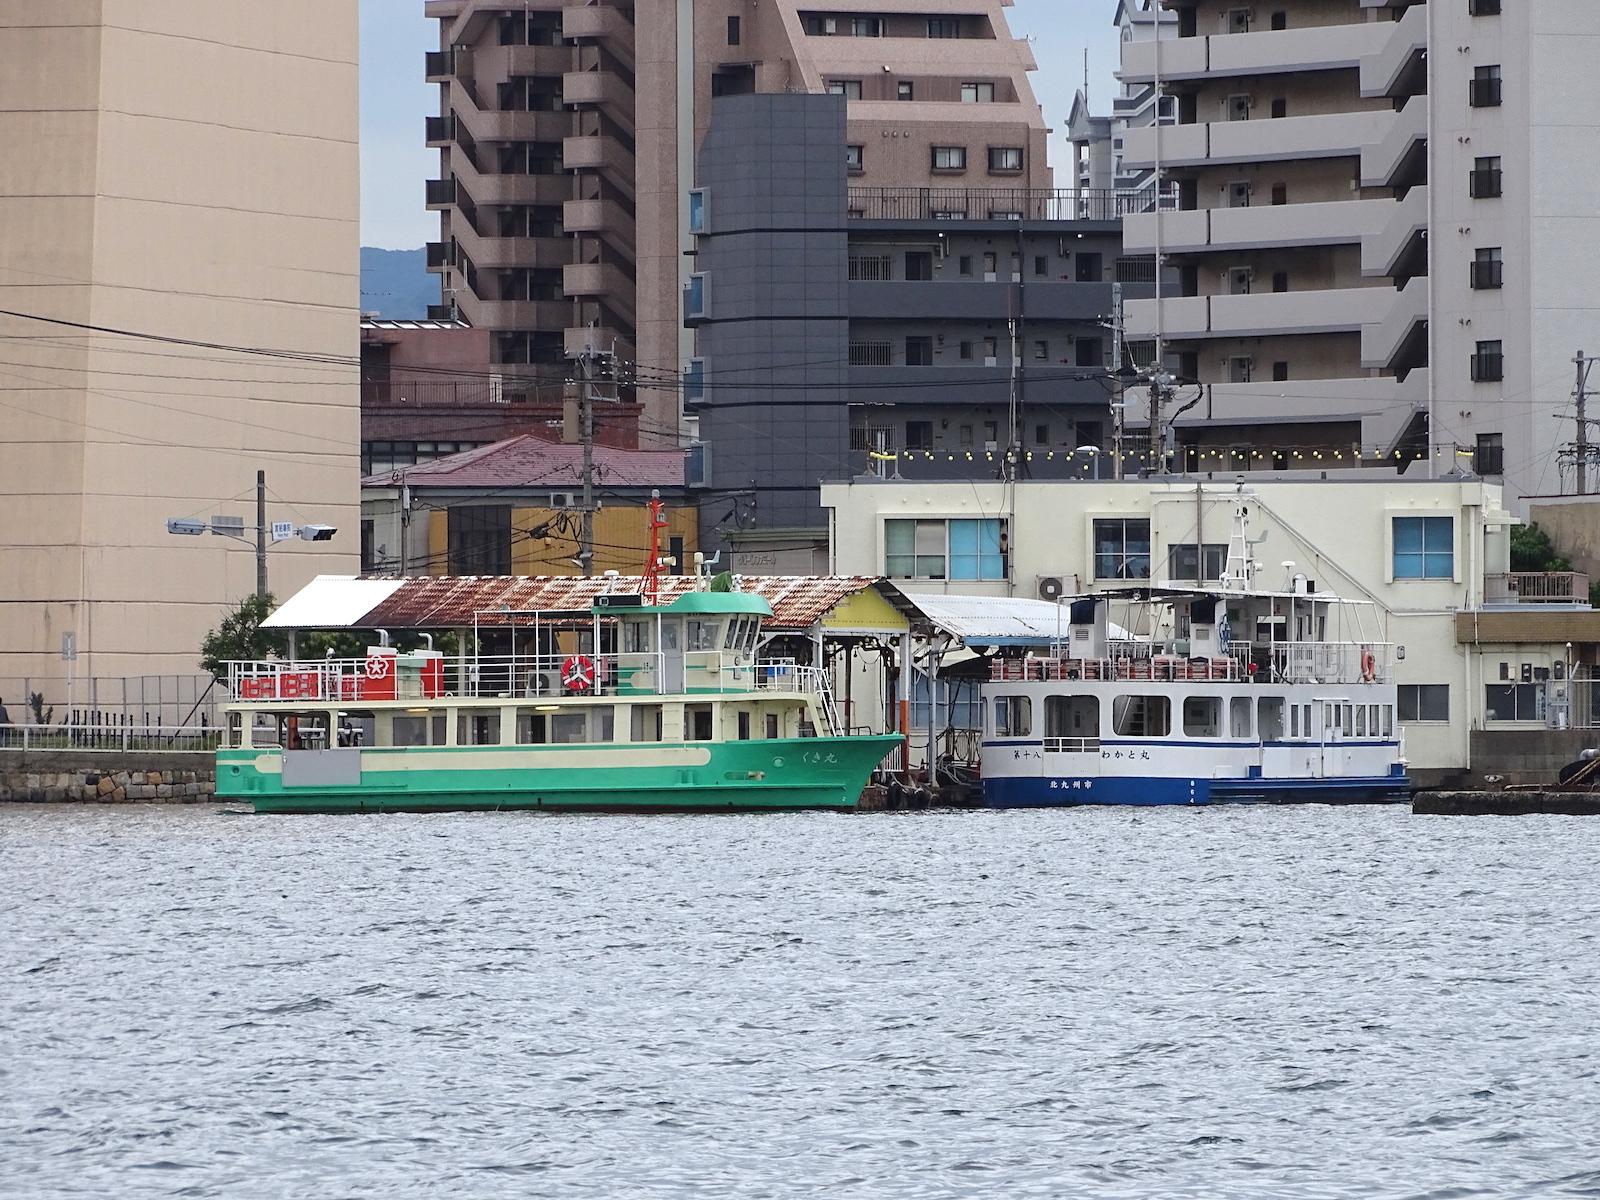 戸畑渡場(若戸渡船)